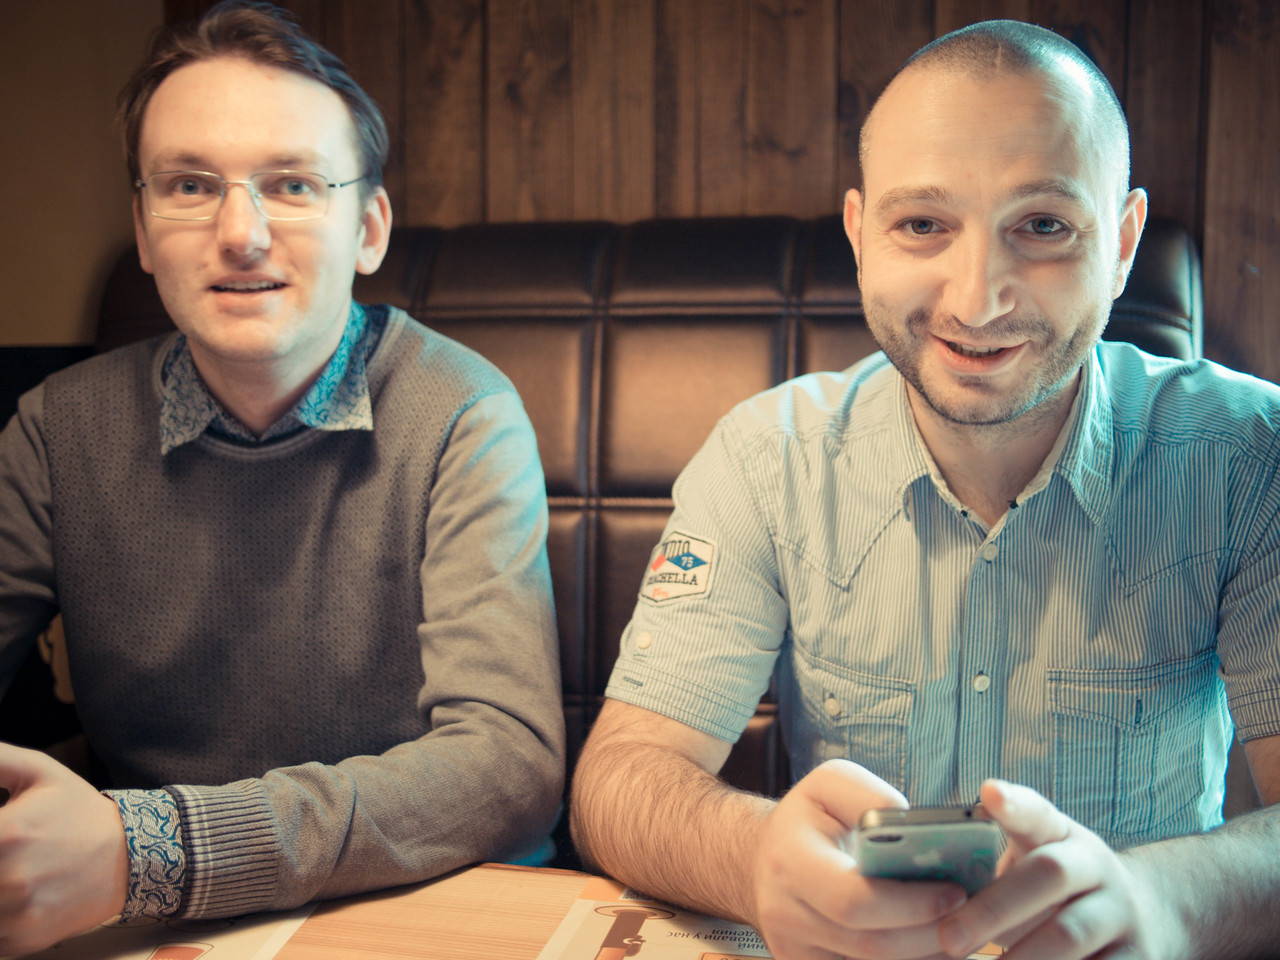 Mikhail Kuzmin and Andrey Arutyunyan